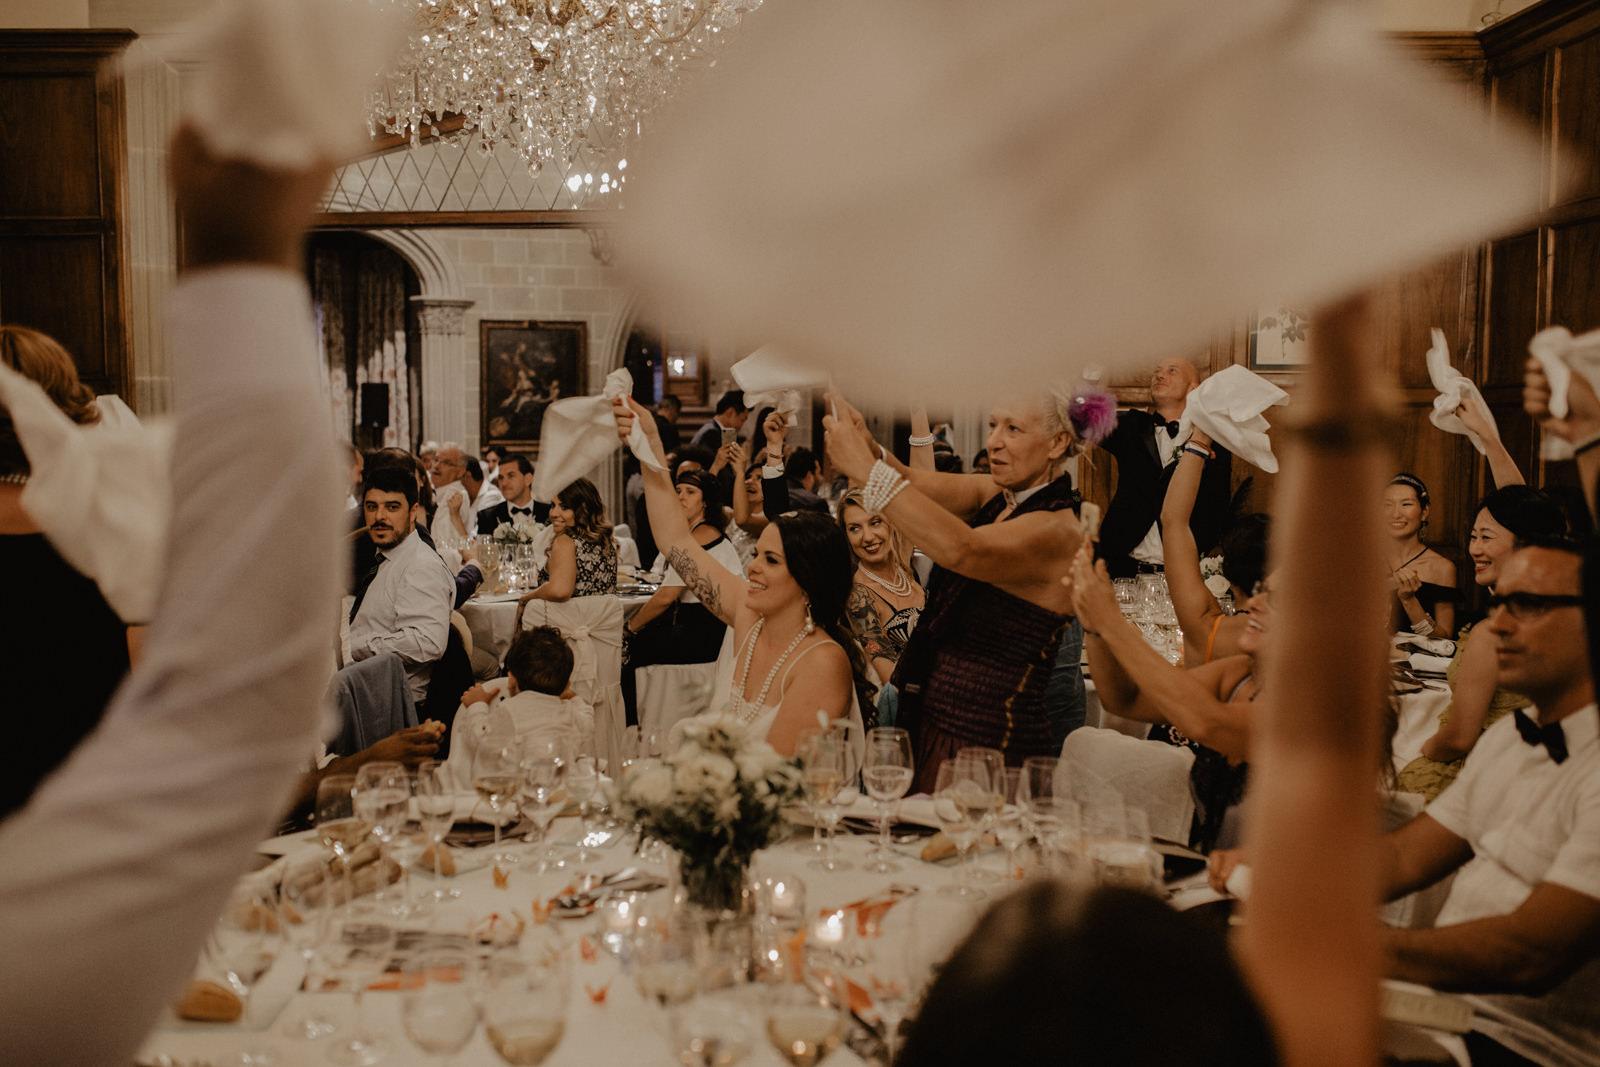 thenortherngirlphotography_photography_thenortherngirl_rebeccascabros_wedding_weddingphotography_weddingphotographer_barcelona_bodaenlabaronia_labaronia_japanesewedding_destinationwedding_shokoalbert-792.jpg